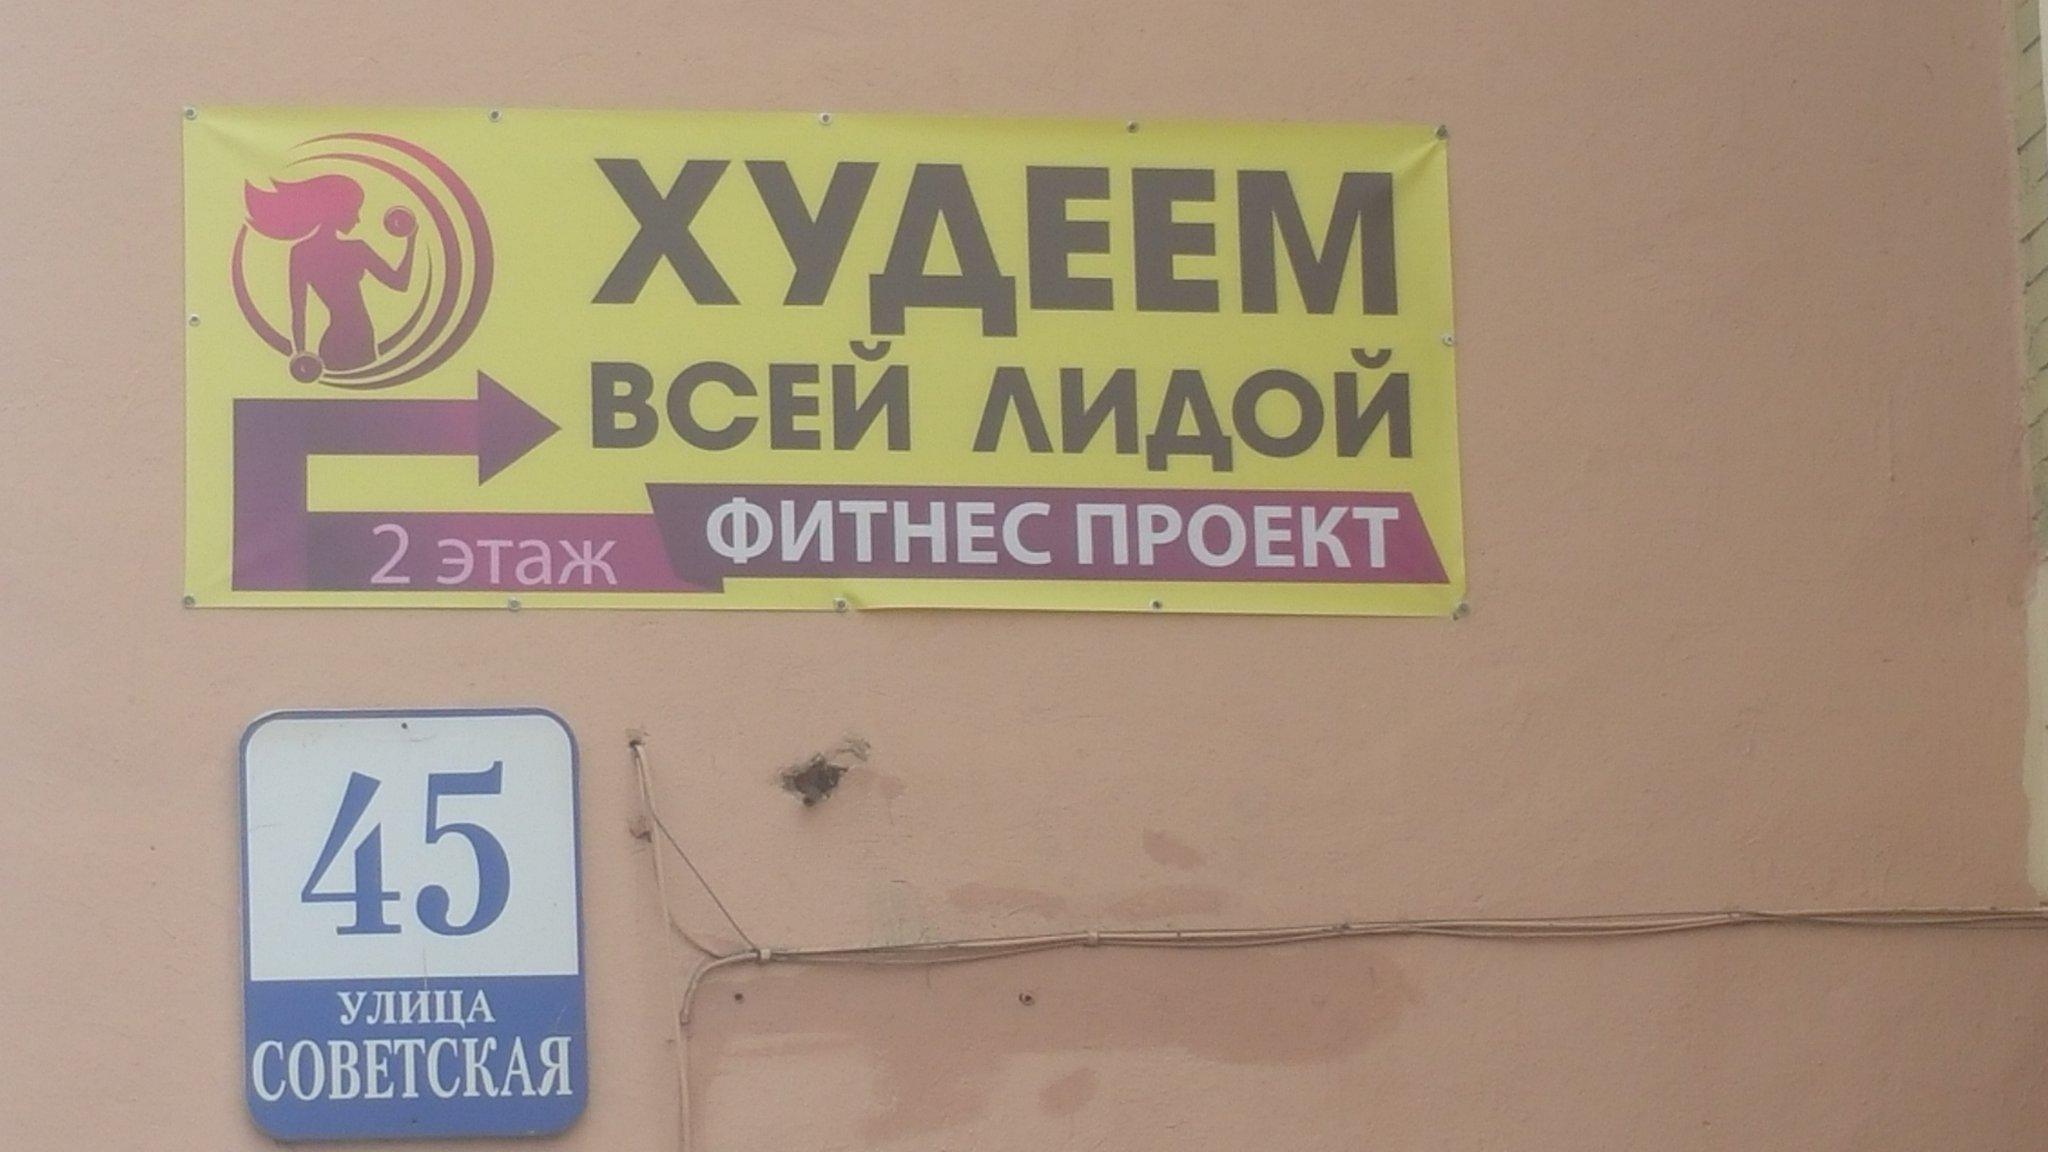 Проект Похудения Минск.